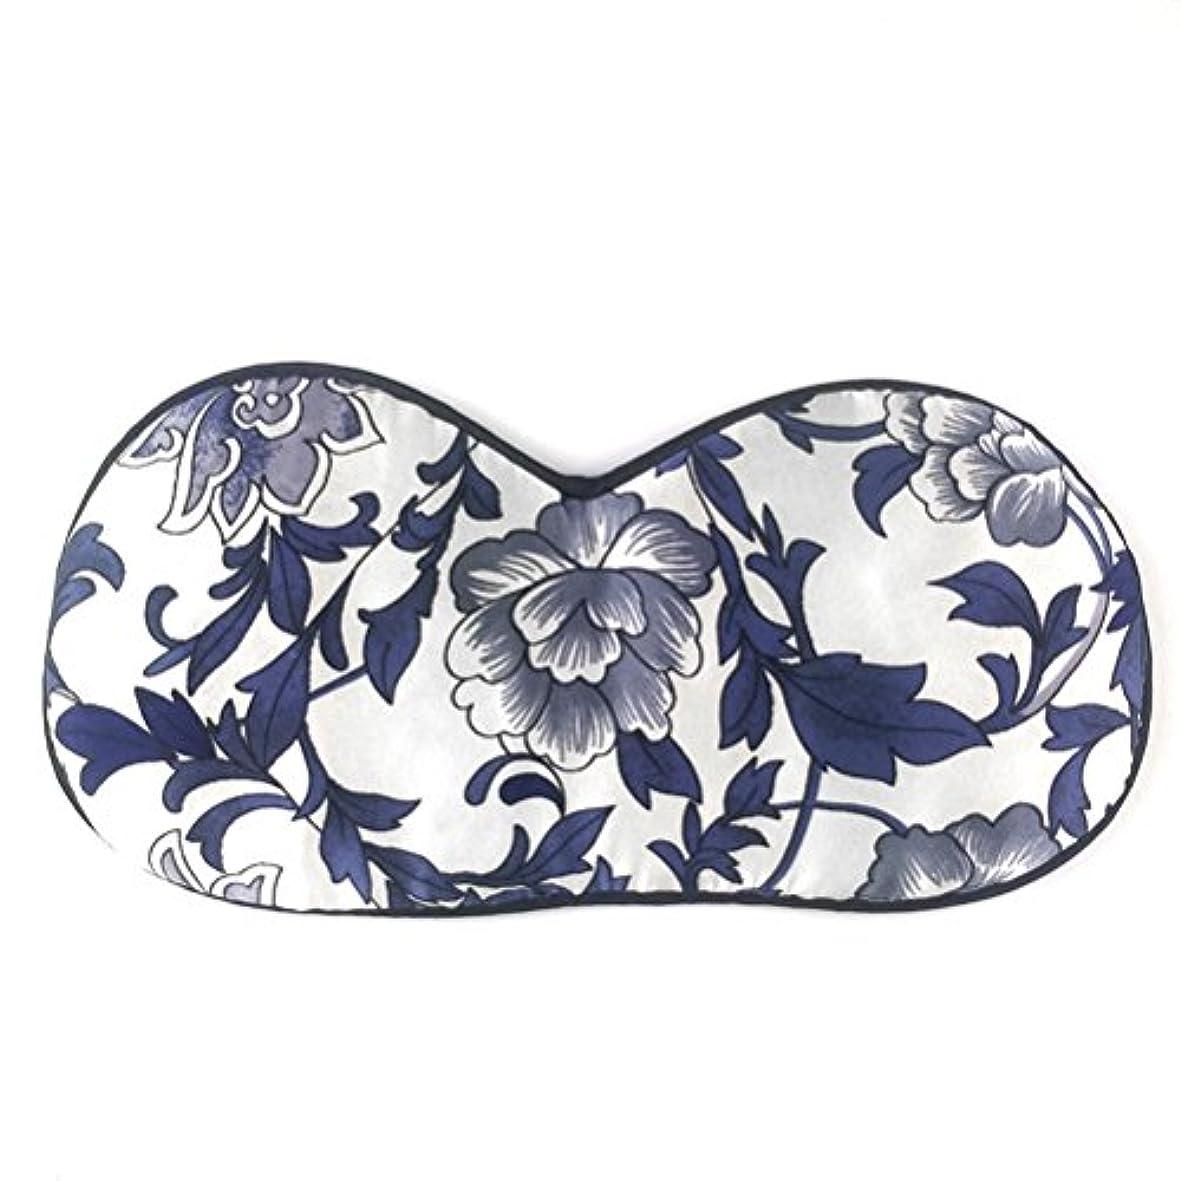 クレーン指定素敵なHEALIFTY スリープマスク 安眠 遮光 睡眠 軽量 眼精疲労 圧迫感なし